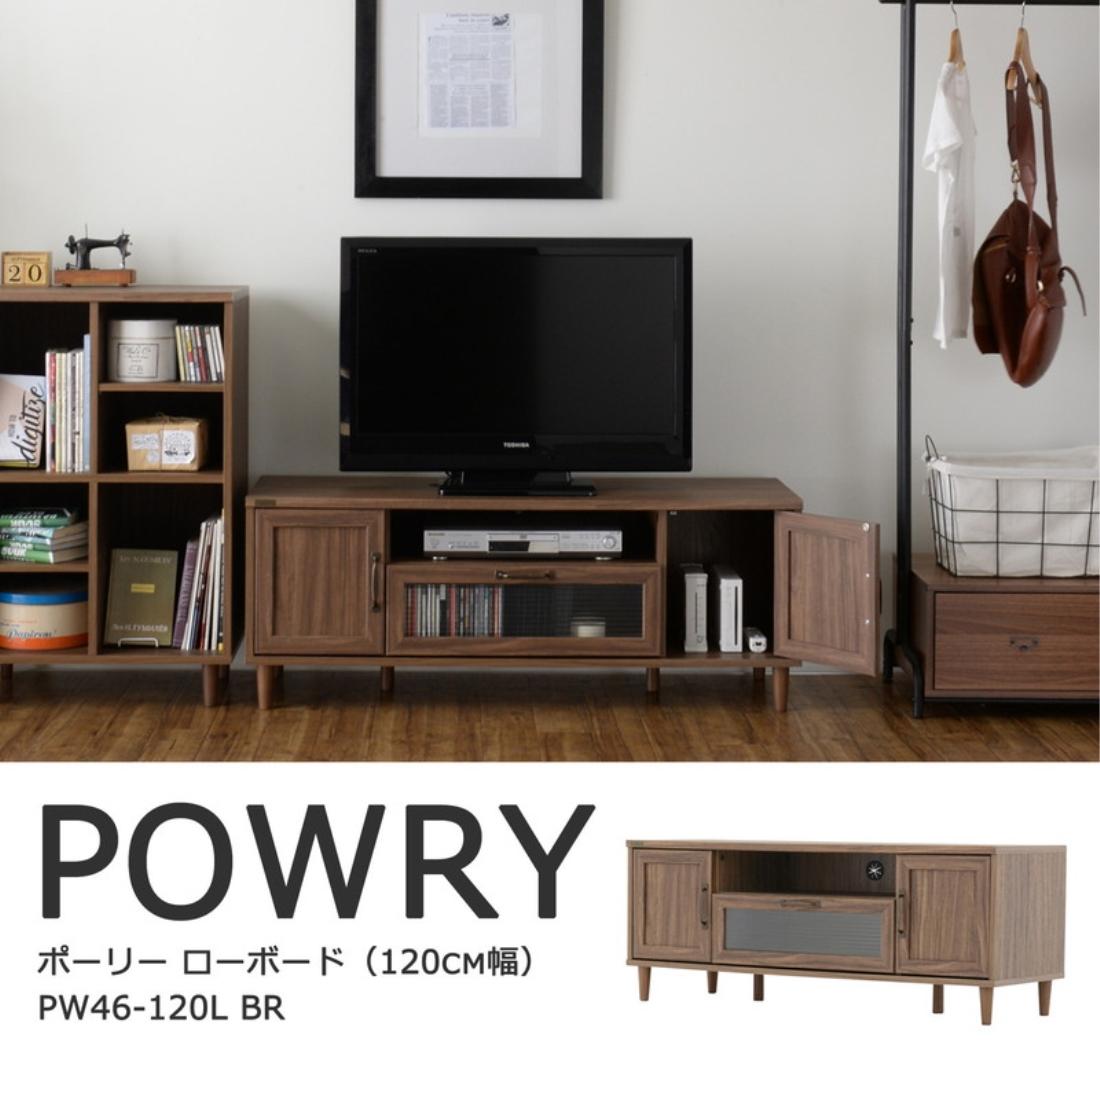 おしゃれ 家具 テレビ ボード TVボード POWRY(ポーリー)テレビ台 ローボード(120cm幅) オシャレ